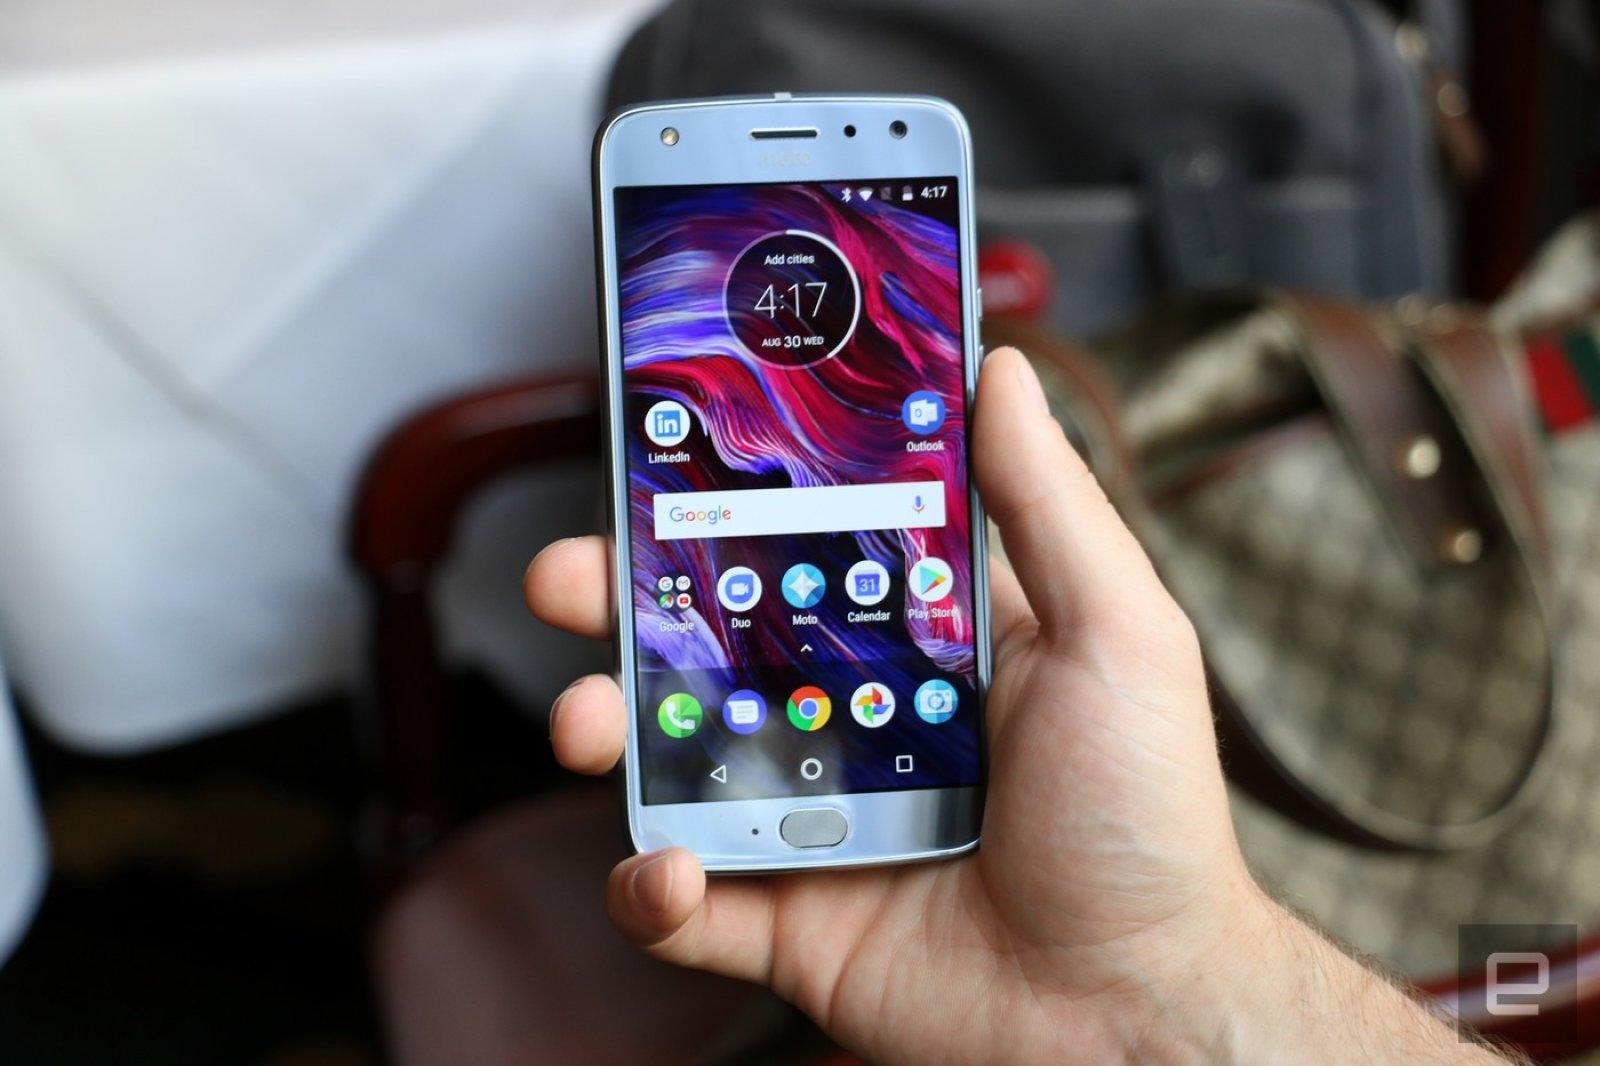 Así es el Moto X4: toque premium y buenas prestaciones a precio competitivo